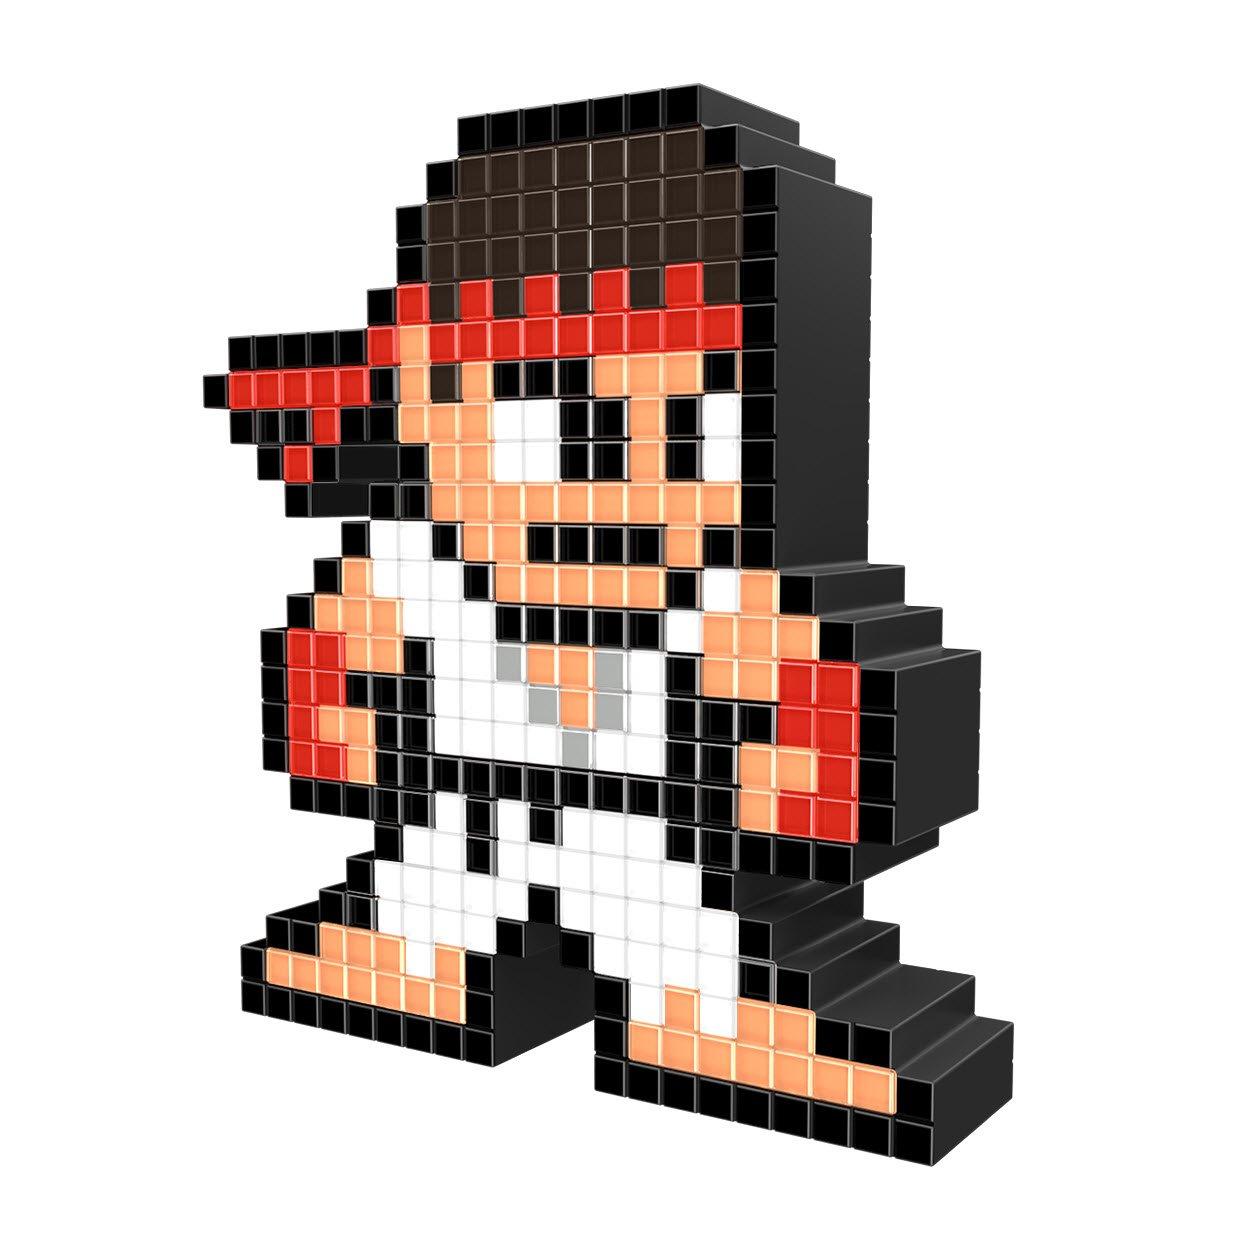 Buy Pixel Works Now!